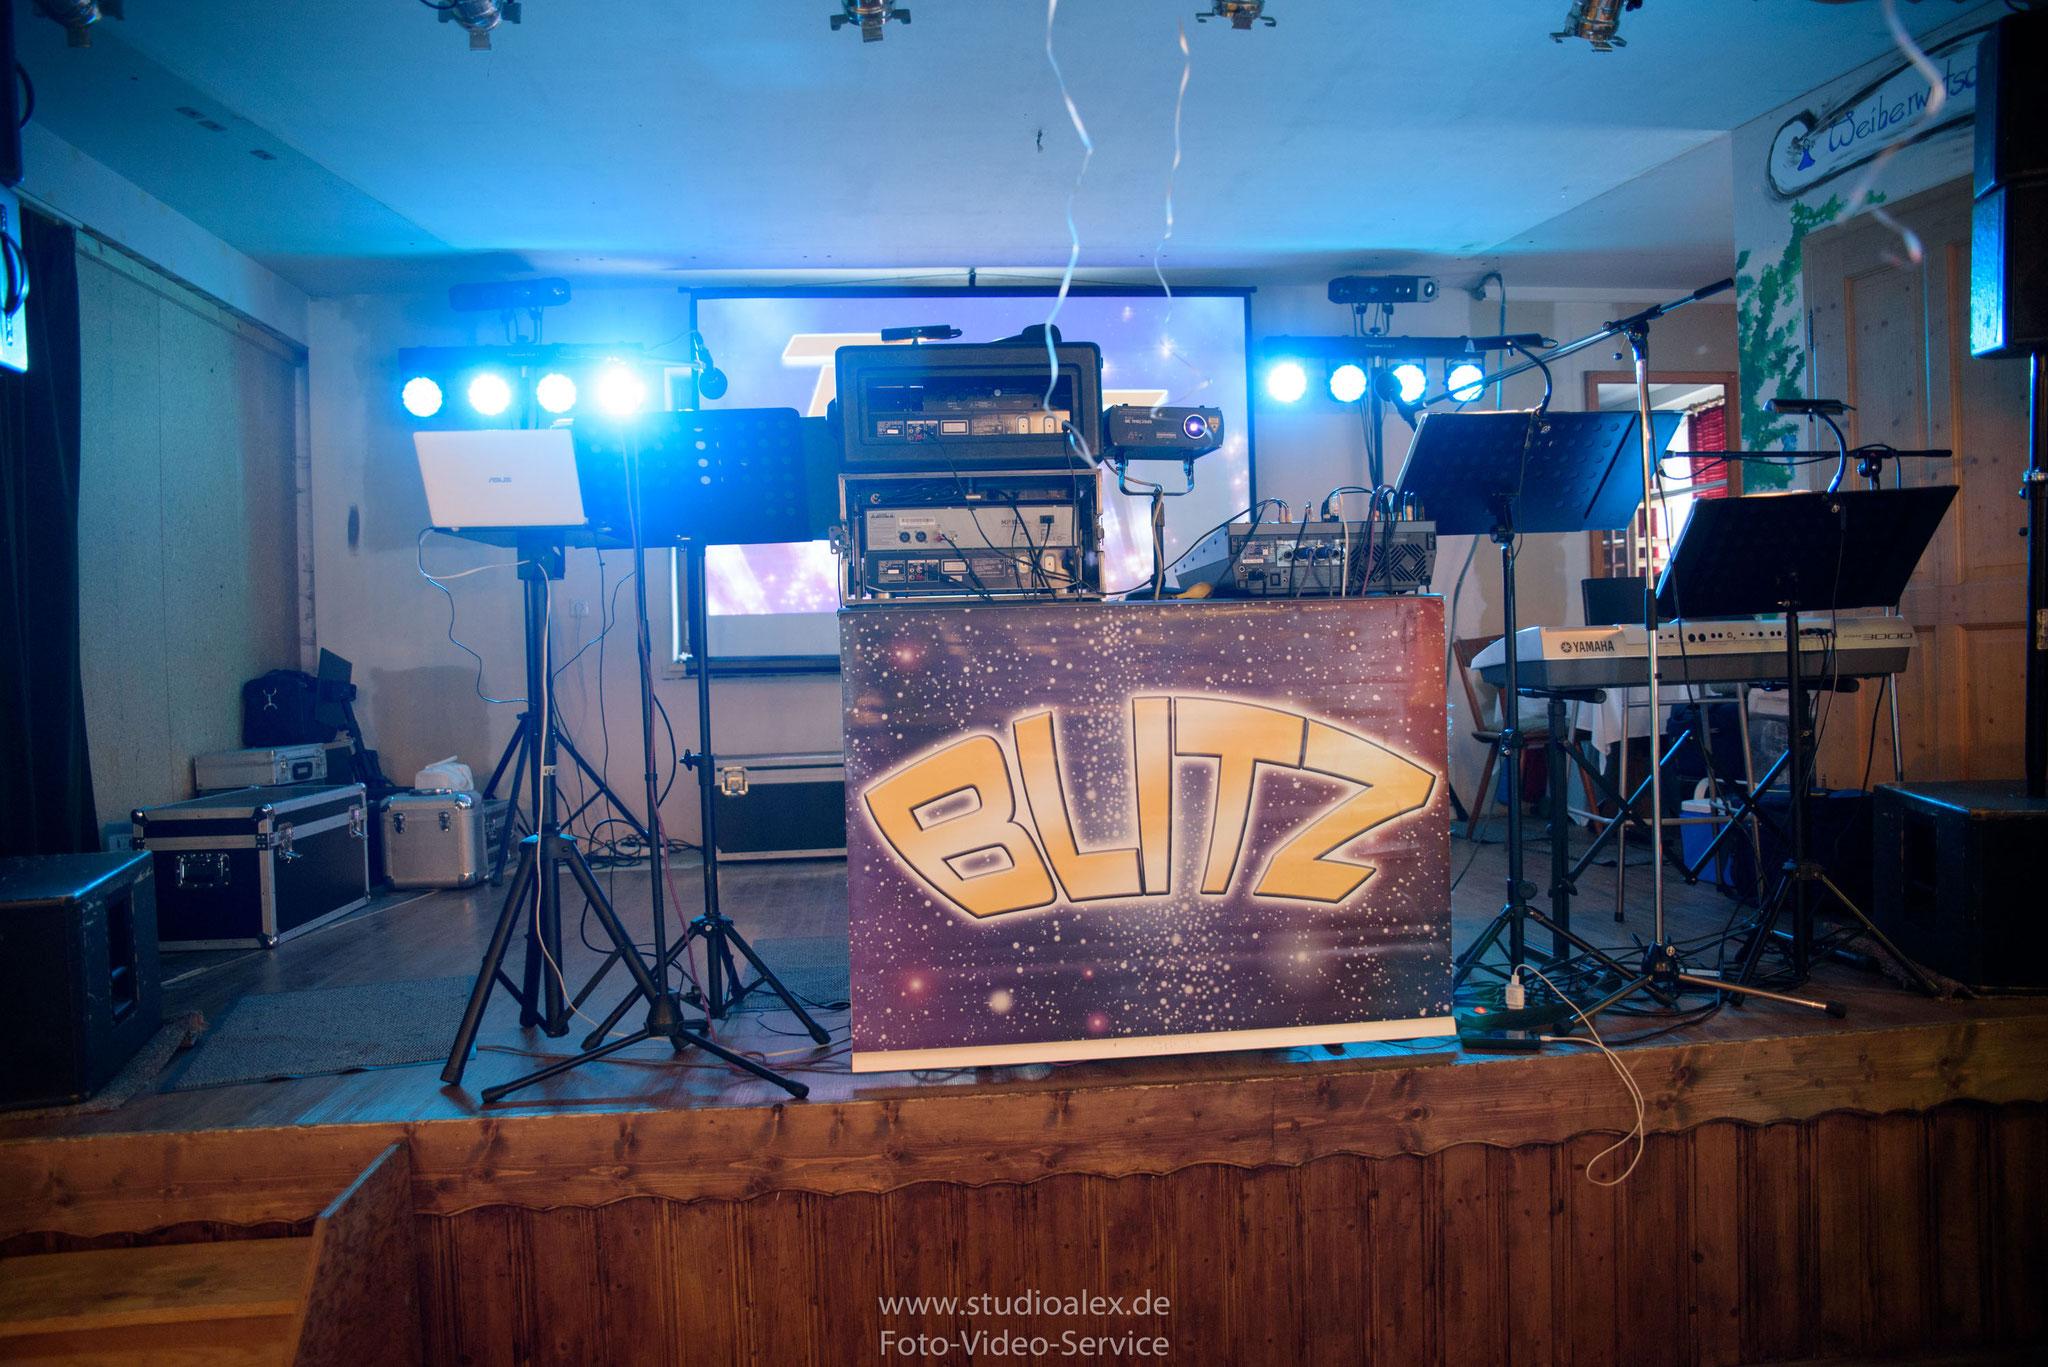 Musikgruppe Blitz aus Regensburg in Landgasthof Rouherer